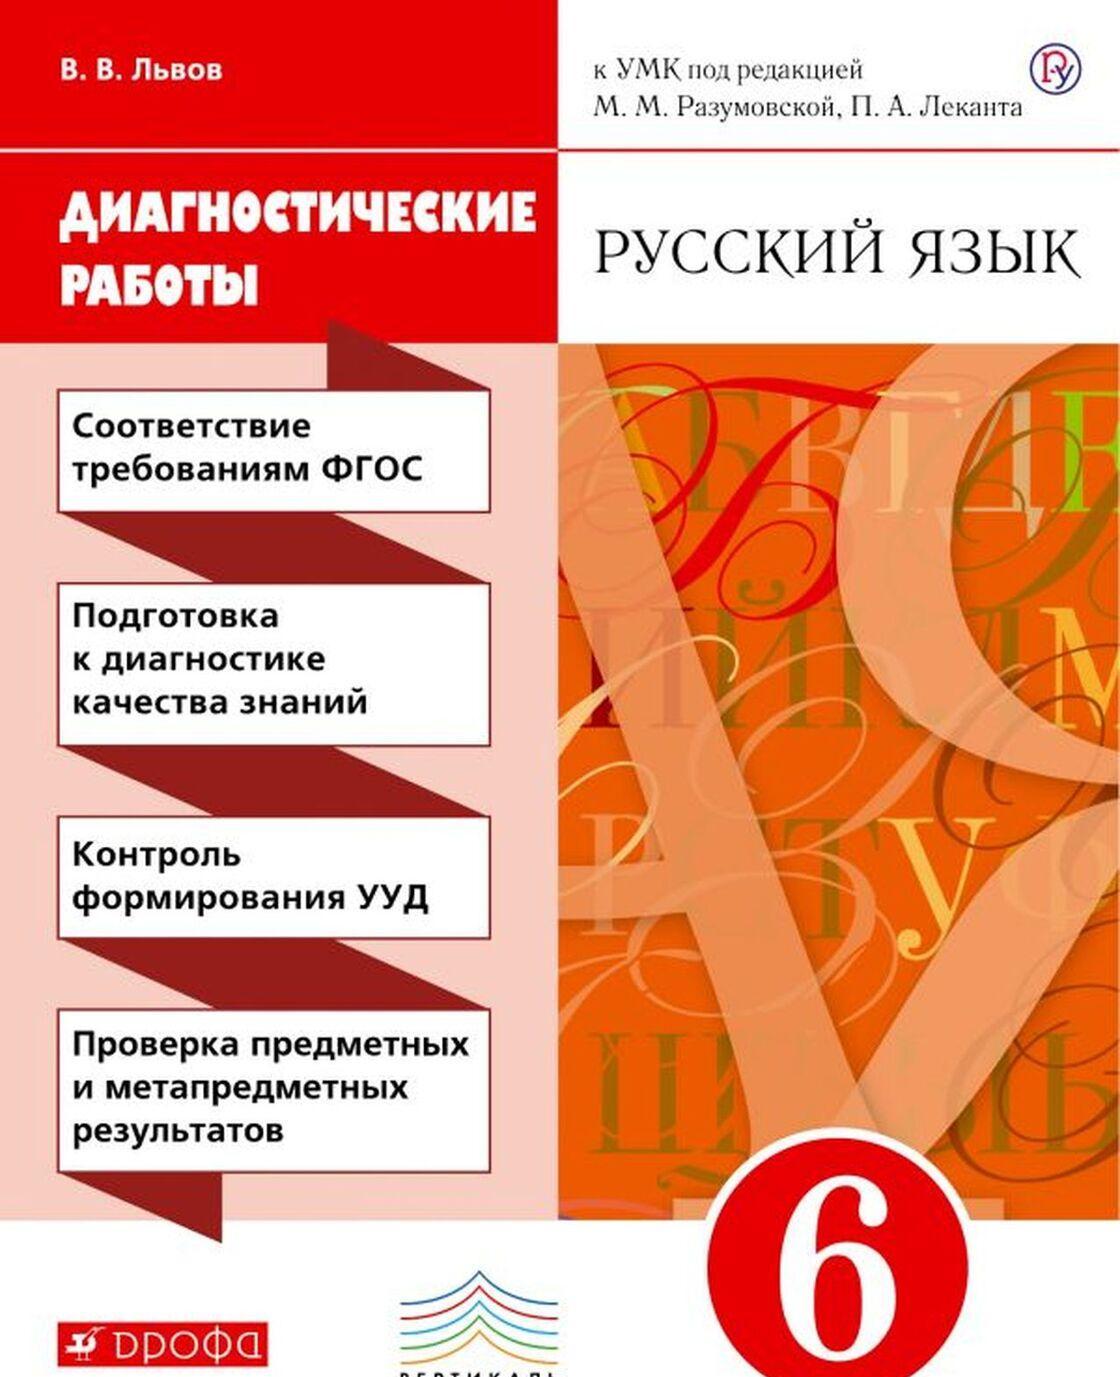 Russkij jazyk. 6 klass. Diagnosticheskie raboty. K UMK pod red. M. M. Razumovskoj, P. A. Lekanta | Lvov Valentin Vitalevich